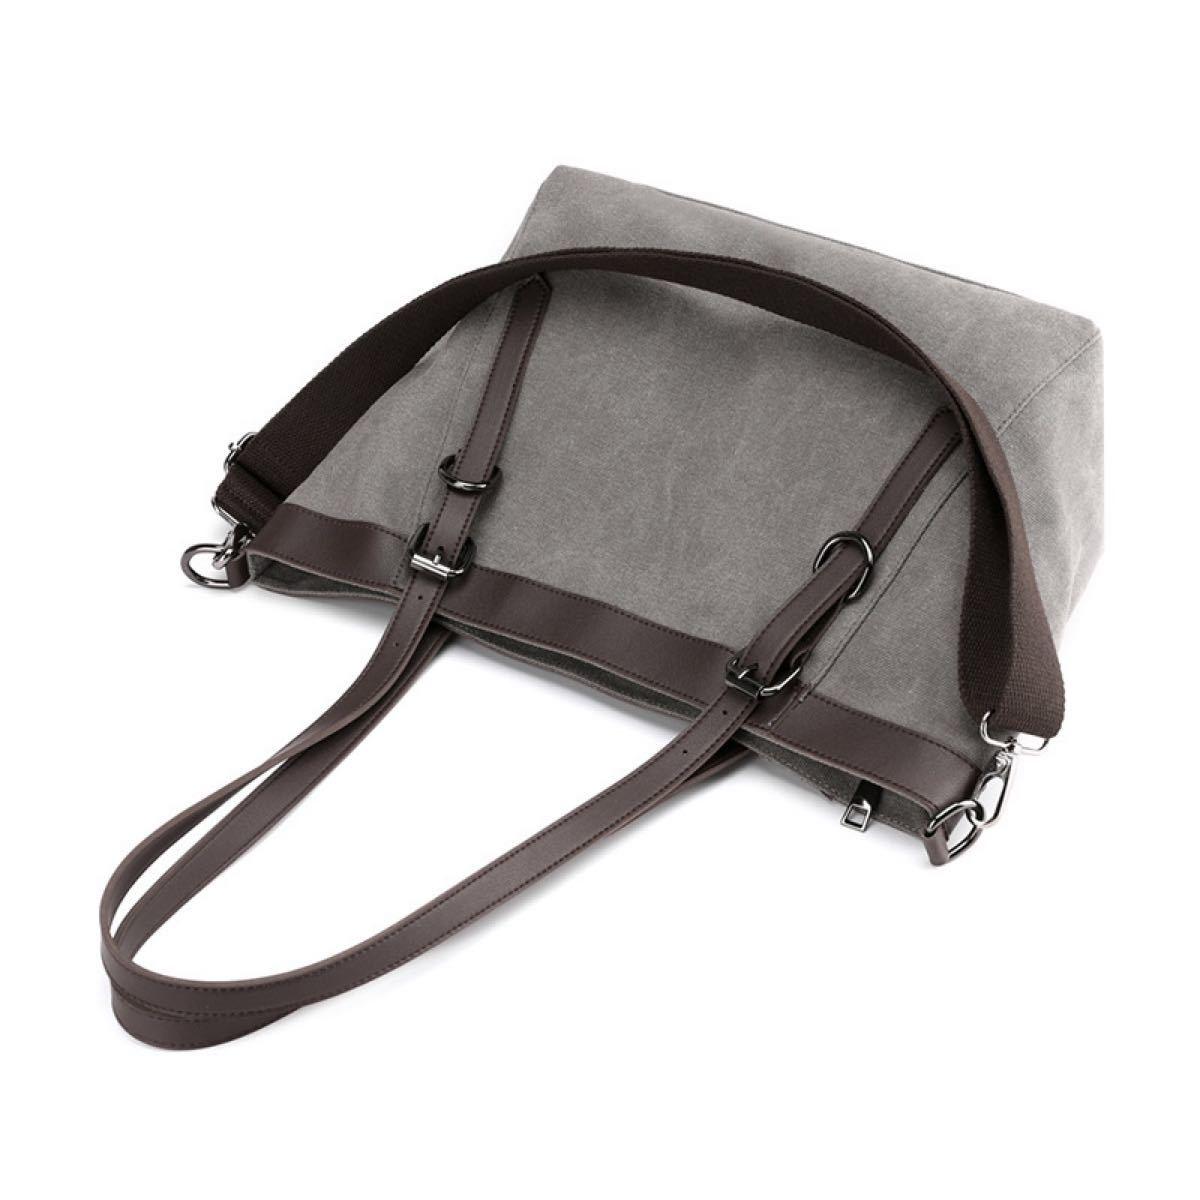 トートバッグ レディースバッグ ショルダーバッグ 大容量 2way高品質